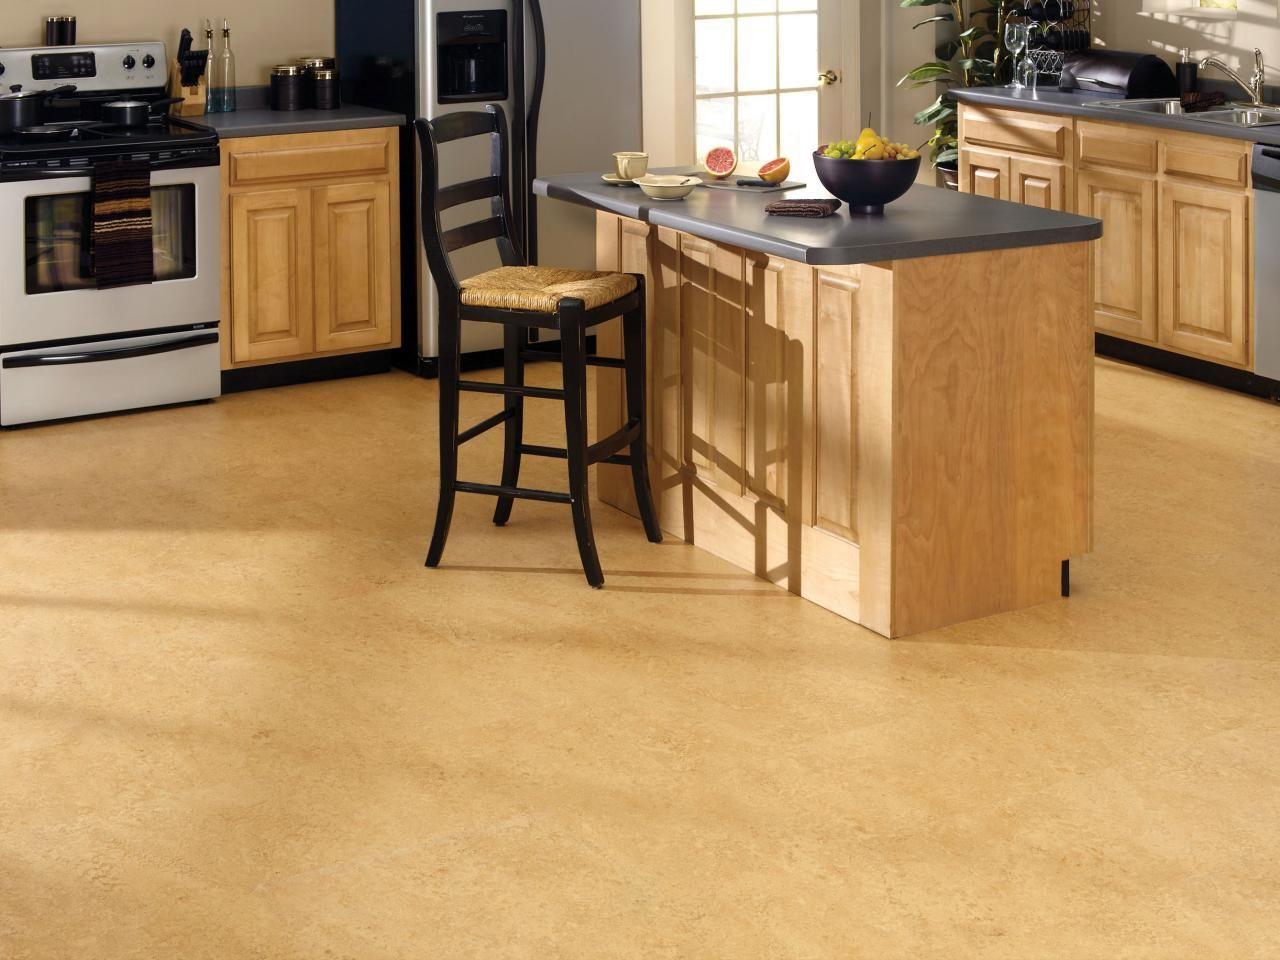 Flooring Trends Maple Kitchen Cabinets Wood Floor Kitchen Best